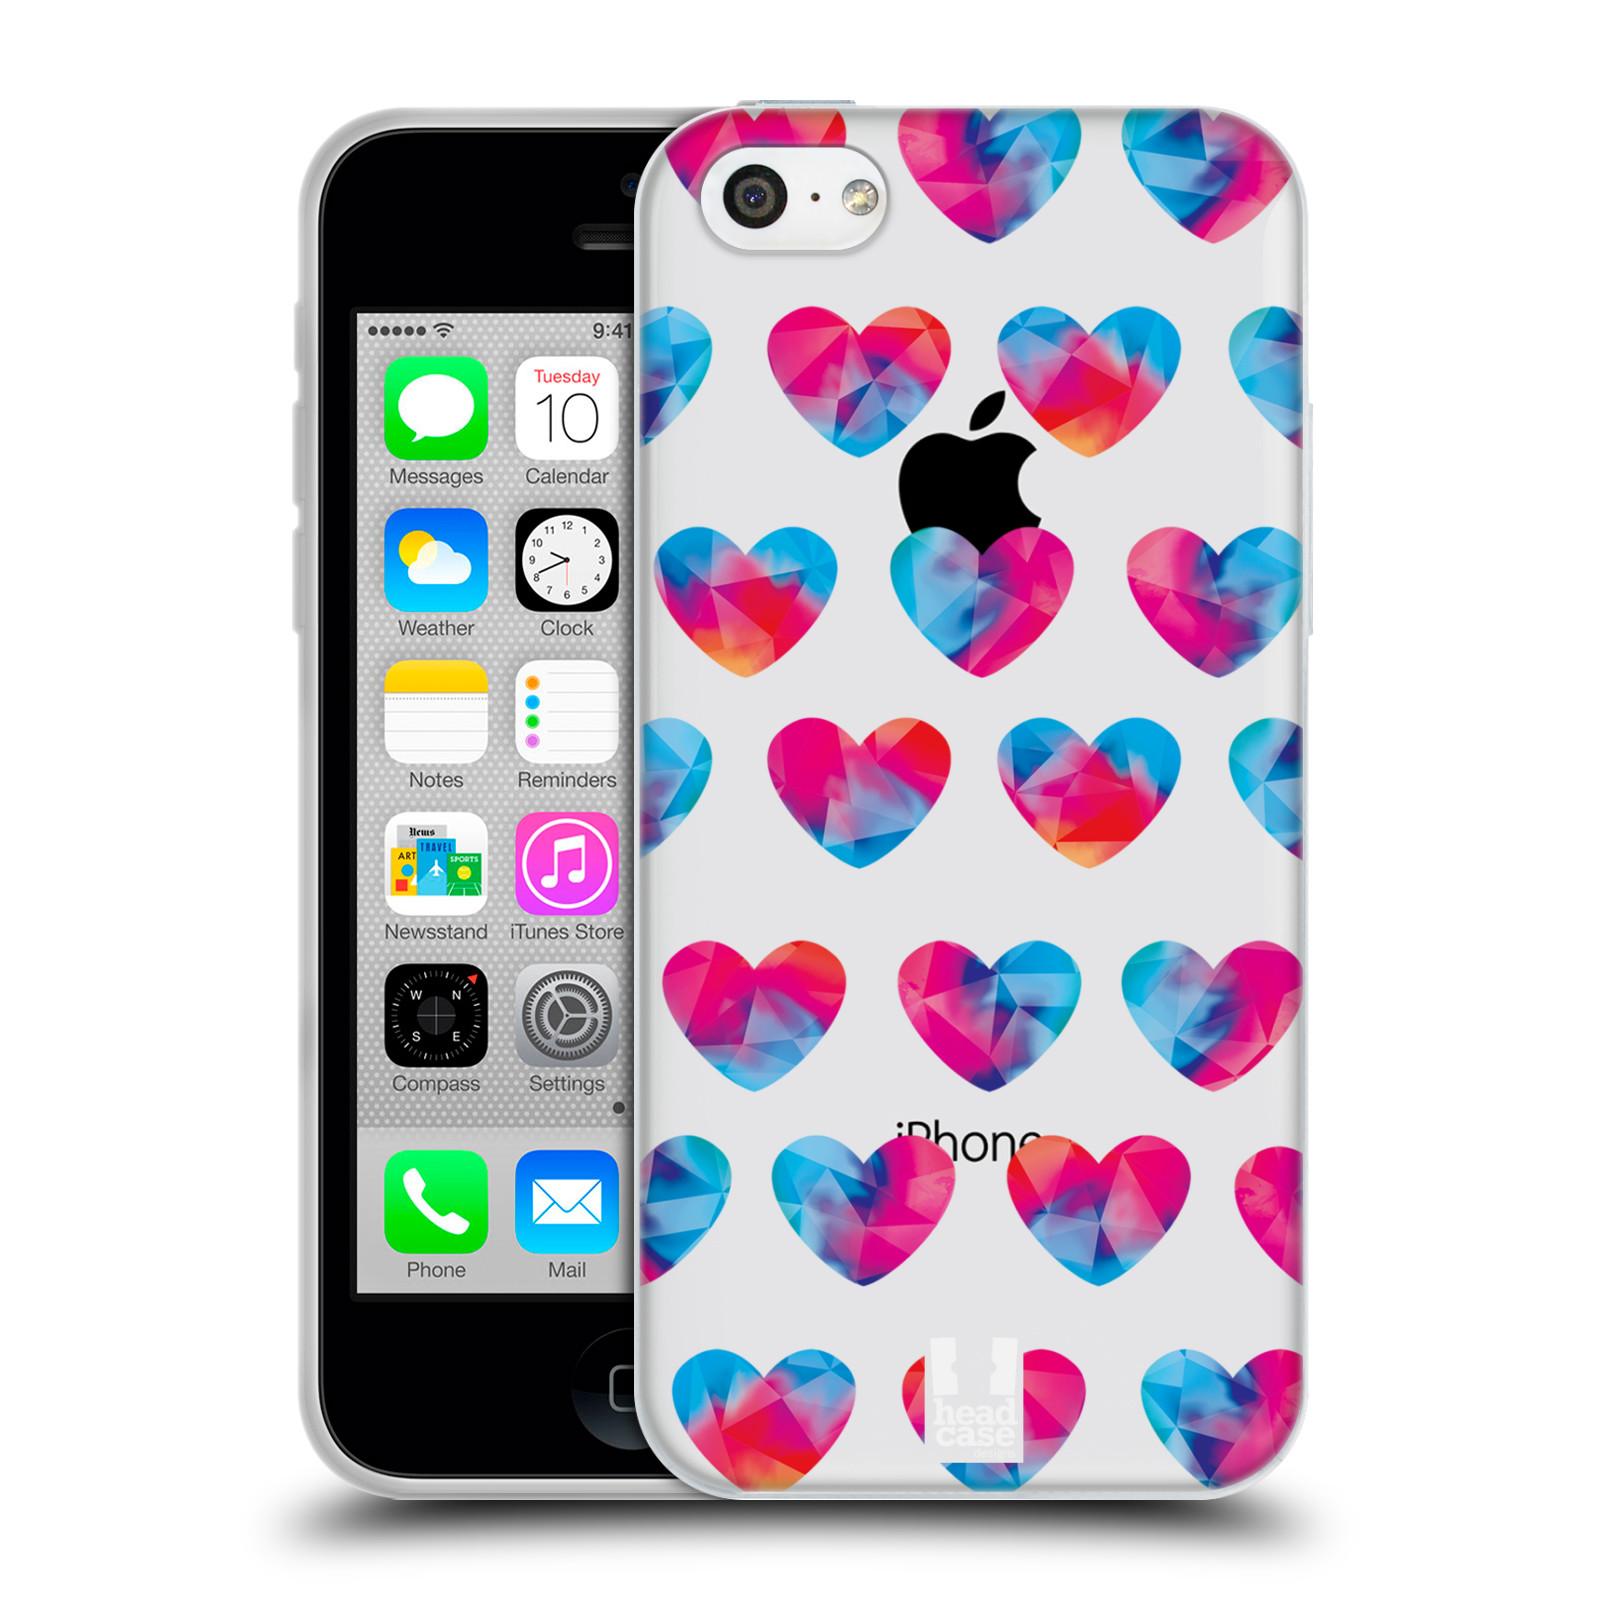 Silikonové pouzdro na mobil Apple iPhone 5C - Head Case - Srdíčka hrající barvami